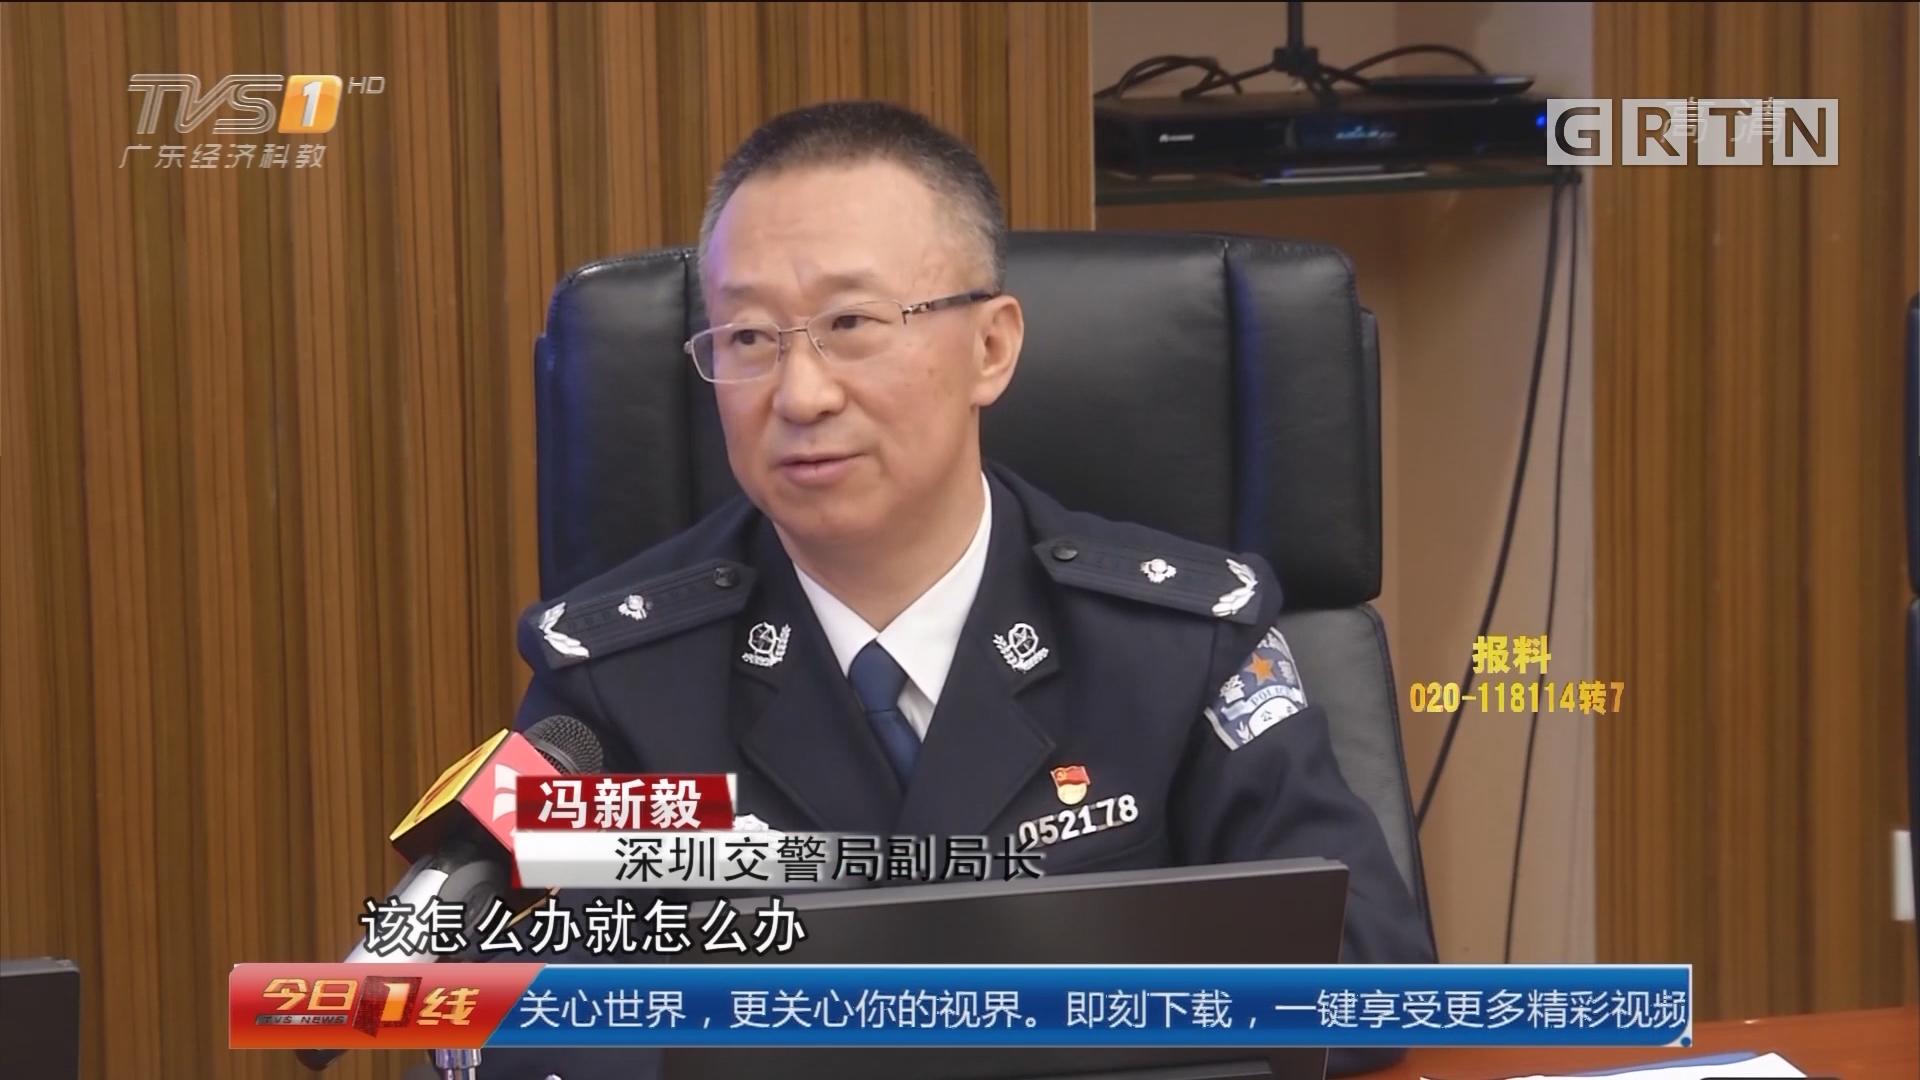 深圳:11个月查处涉酒违法12953宗